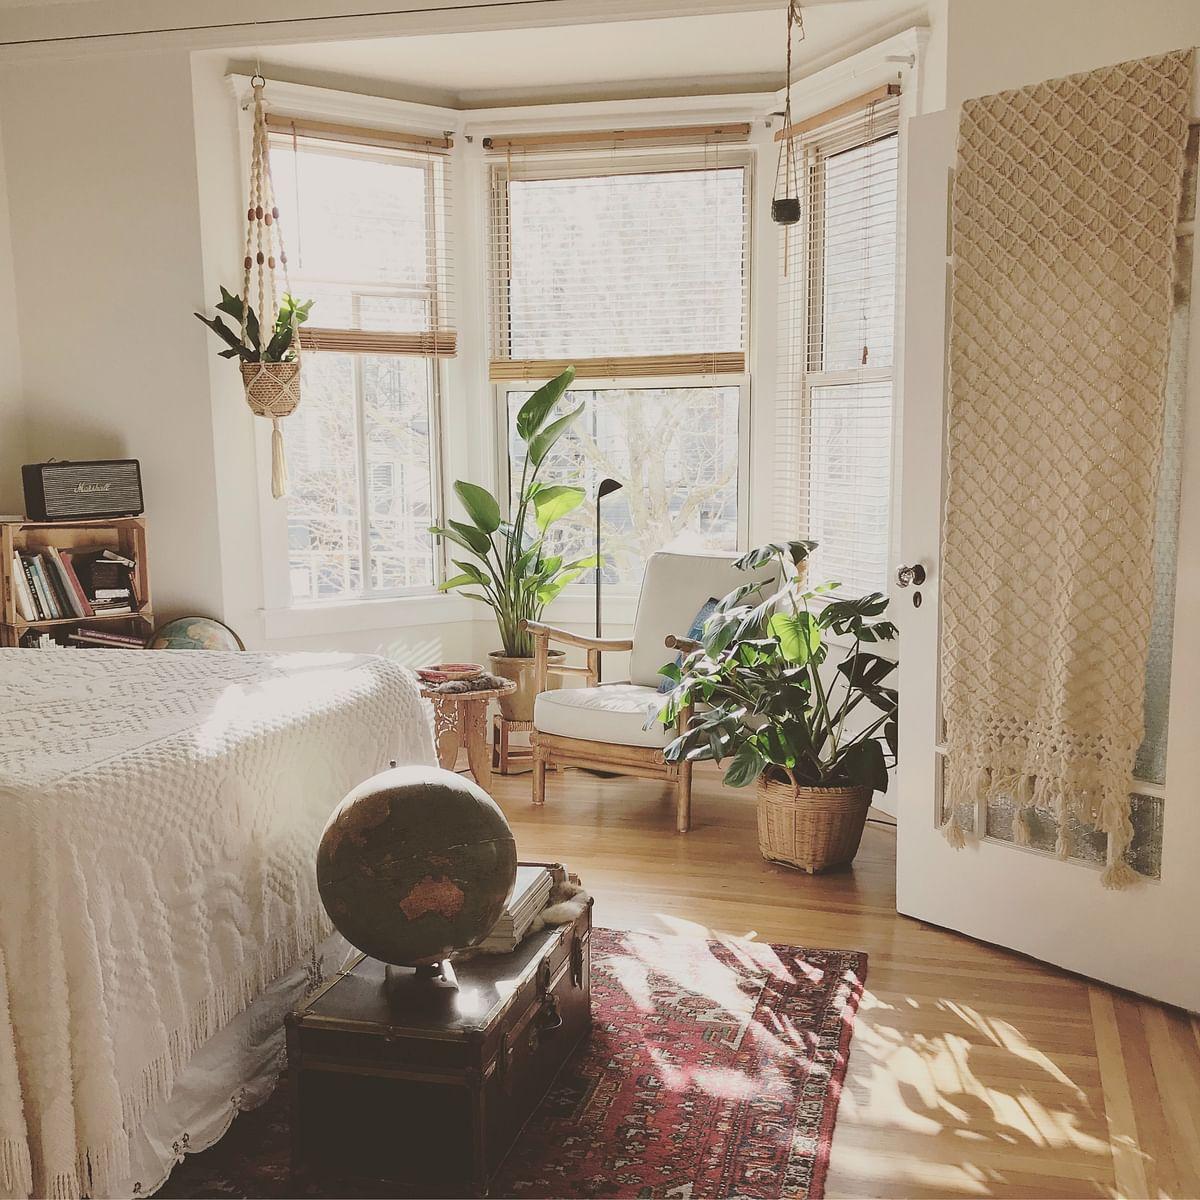 Cosier bedroom for better sleep